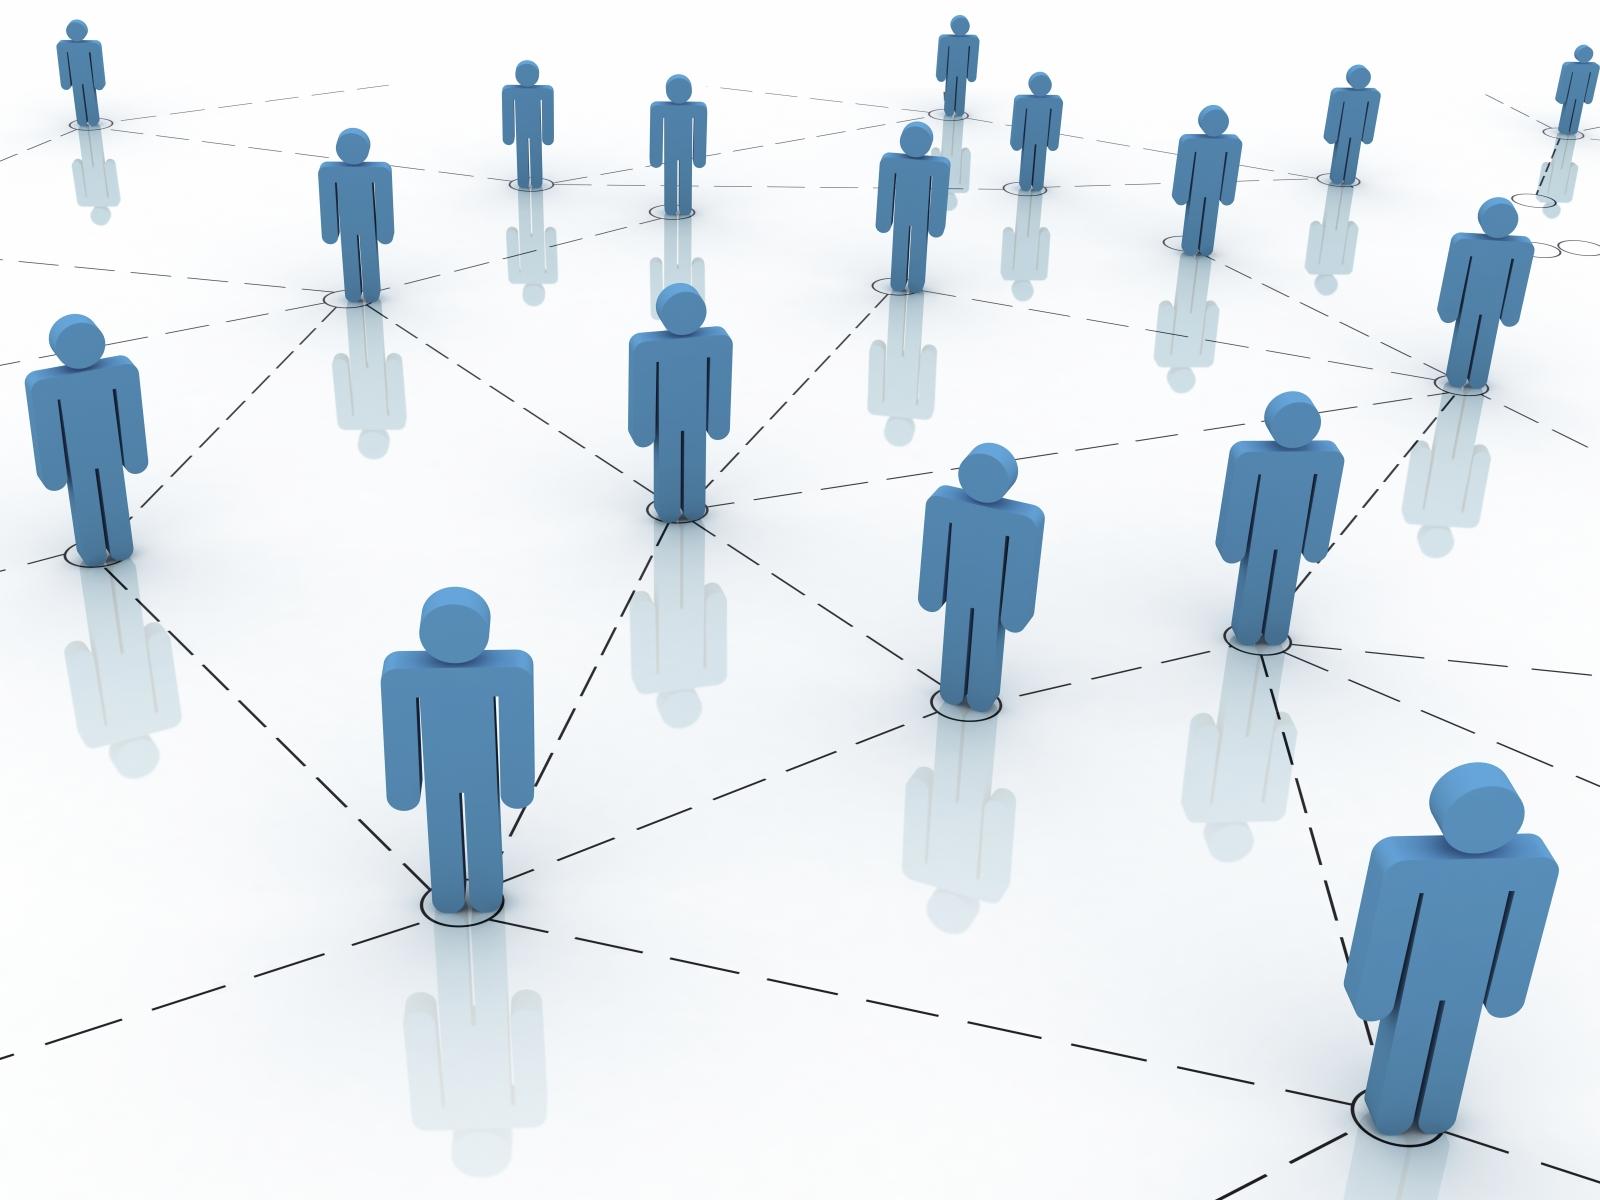 RIFIUTATE DI ESSERE PROTAGONISTI DEI MEDIA DI REGIME: create il vostro network